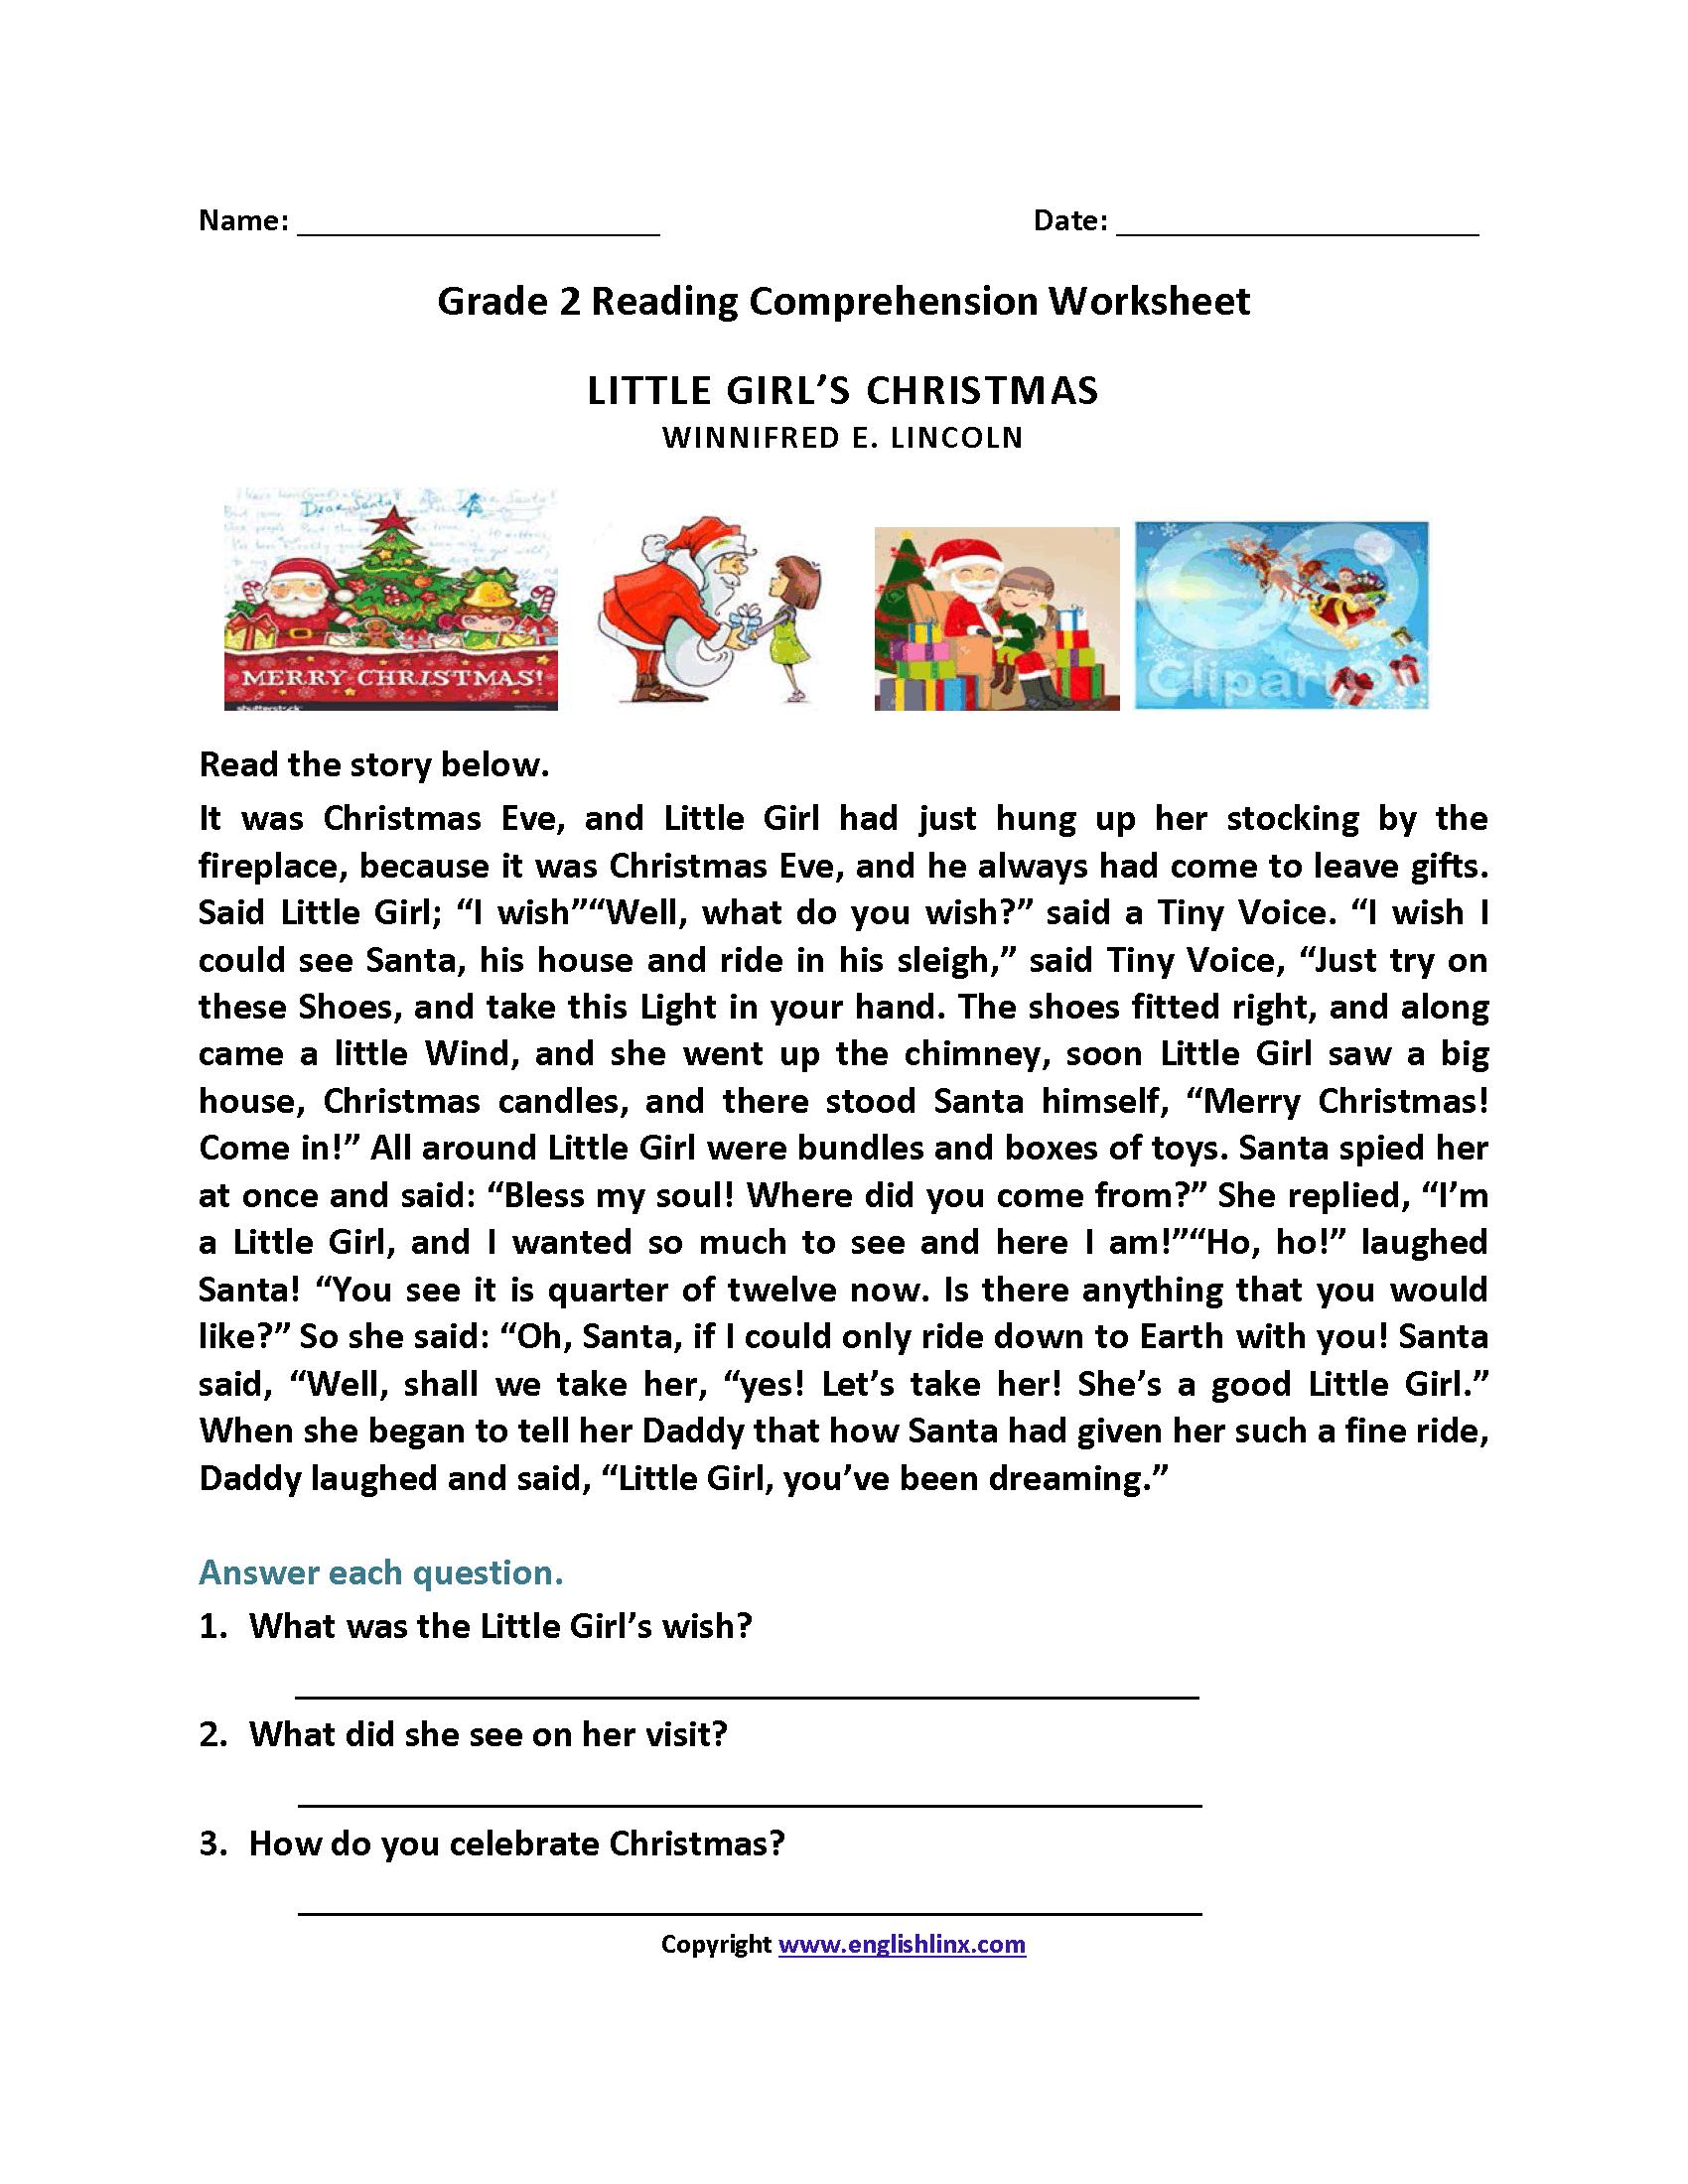 Little Girl's Christmas Second Grade Reading Worksheets